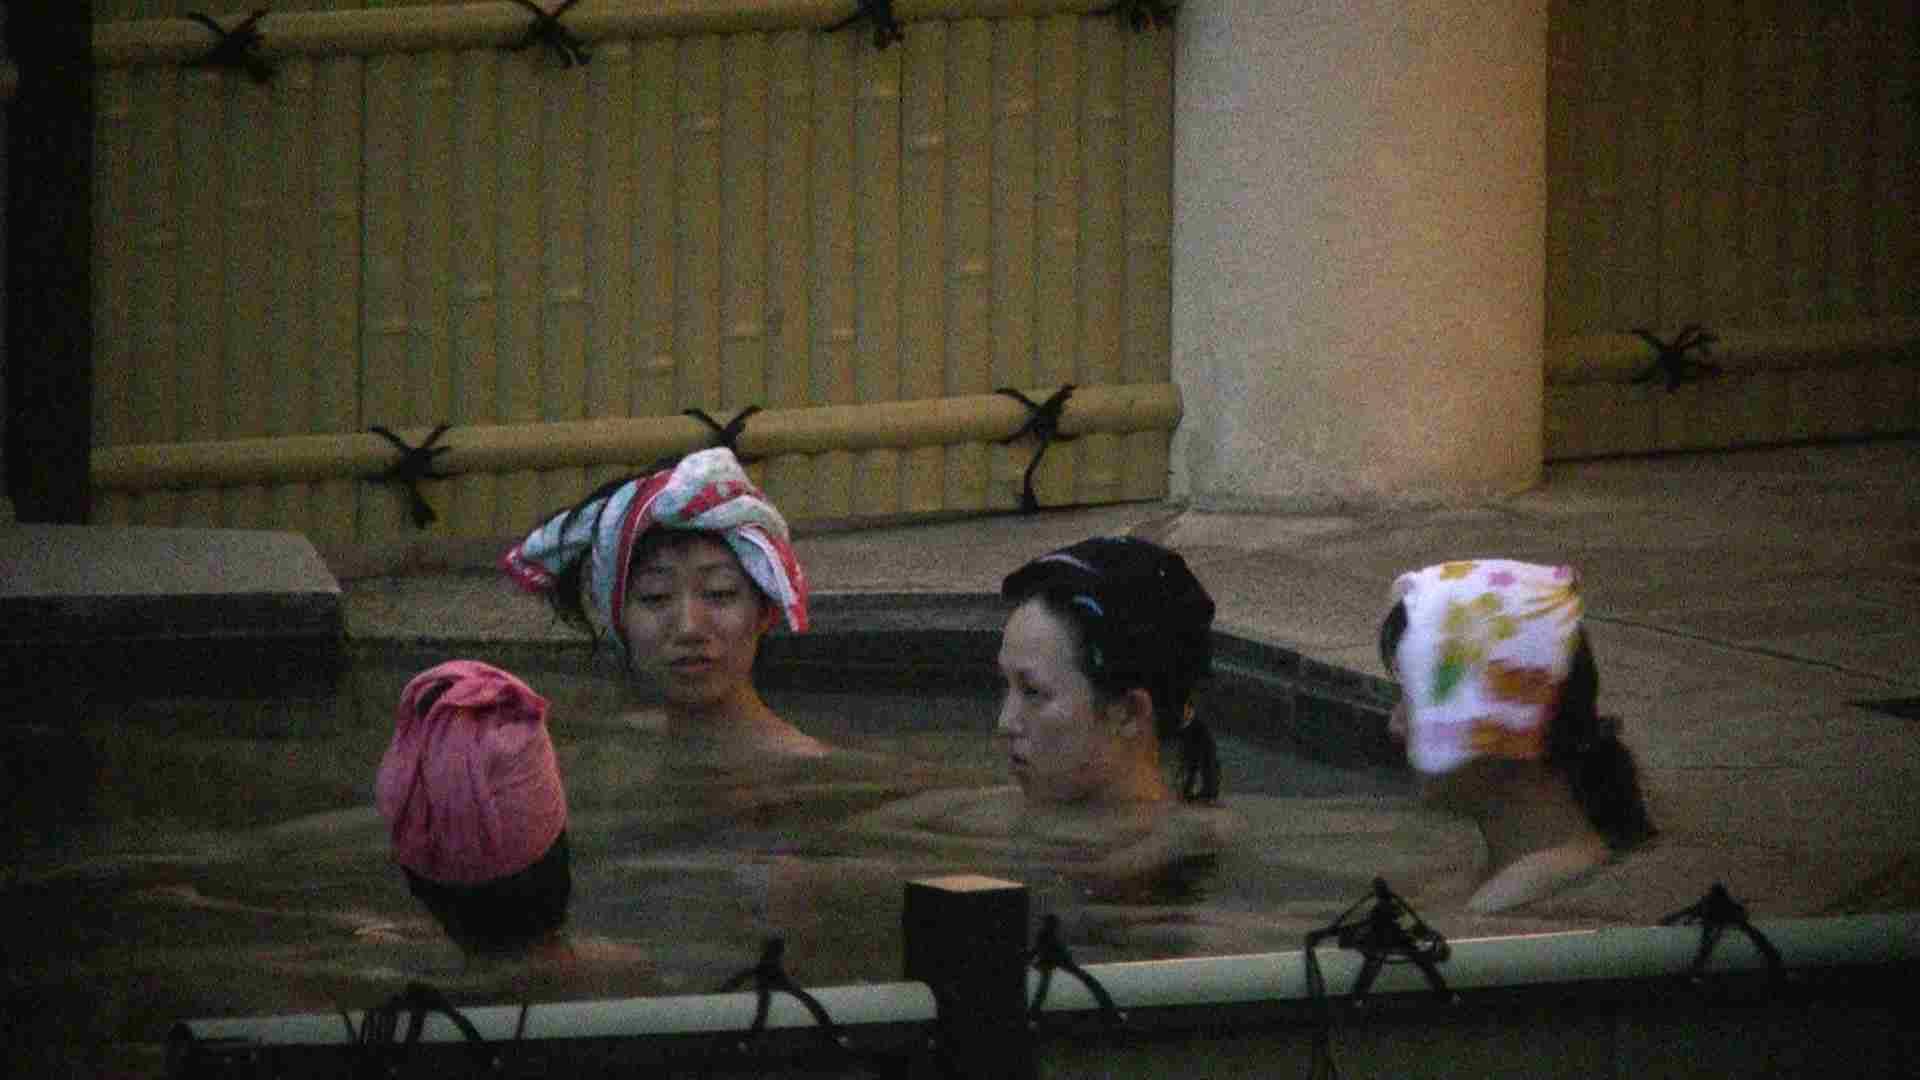 Aquaな露天風呂Vol.149 美しいOLの裸体  101pic 87